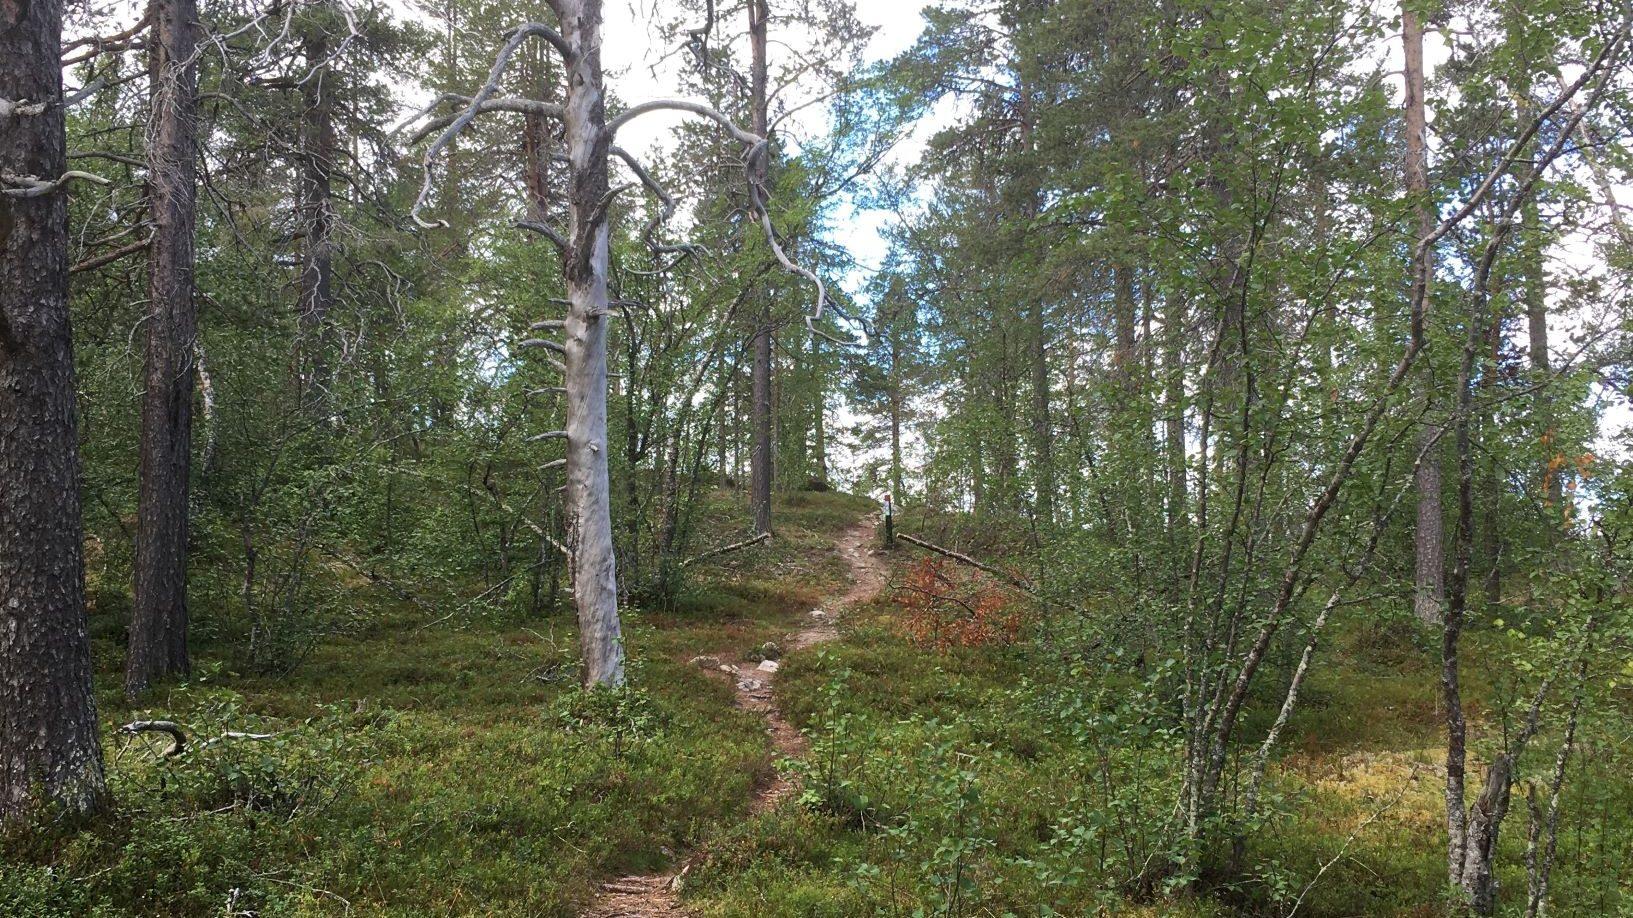 Jyppyrä nature trail in Hetta